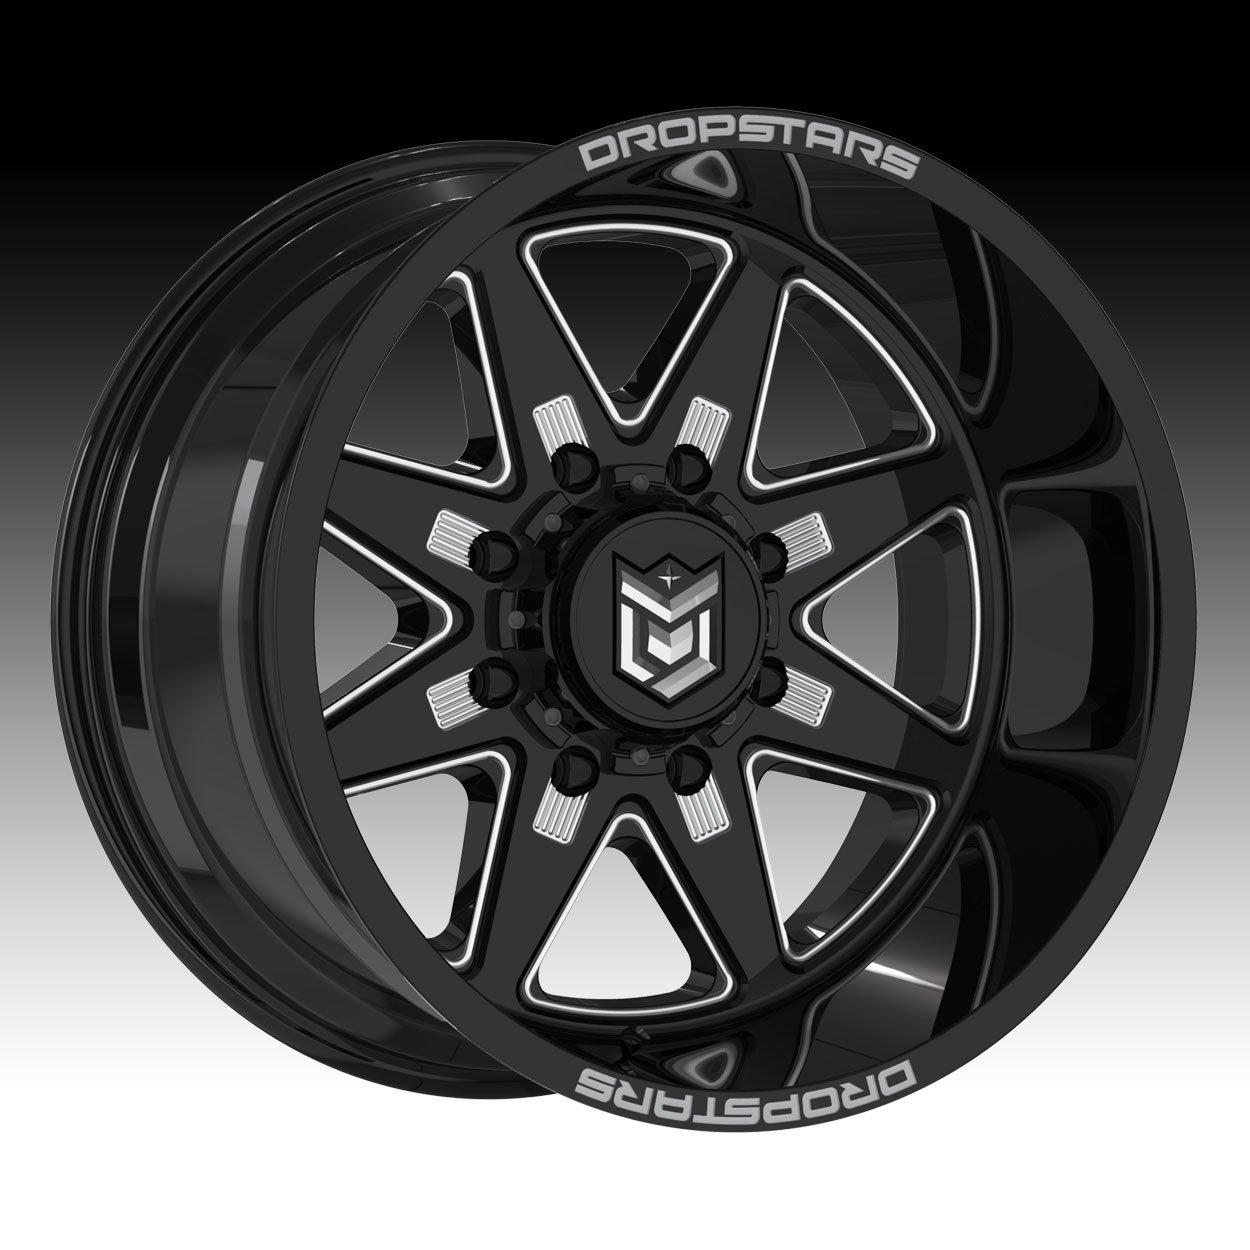 Dropstars 655BM 20x10 8x170 -25mm Black/Milled Wheel Rim